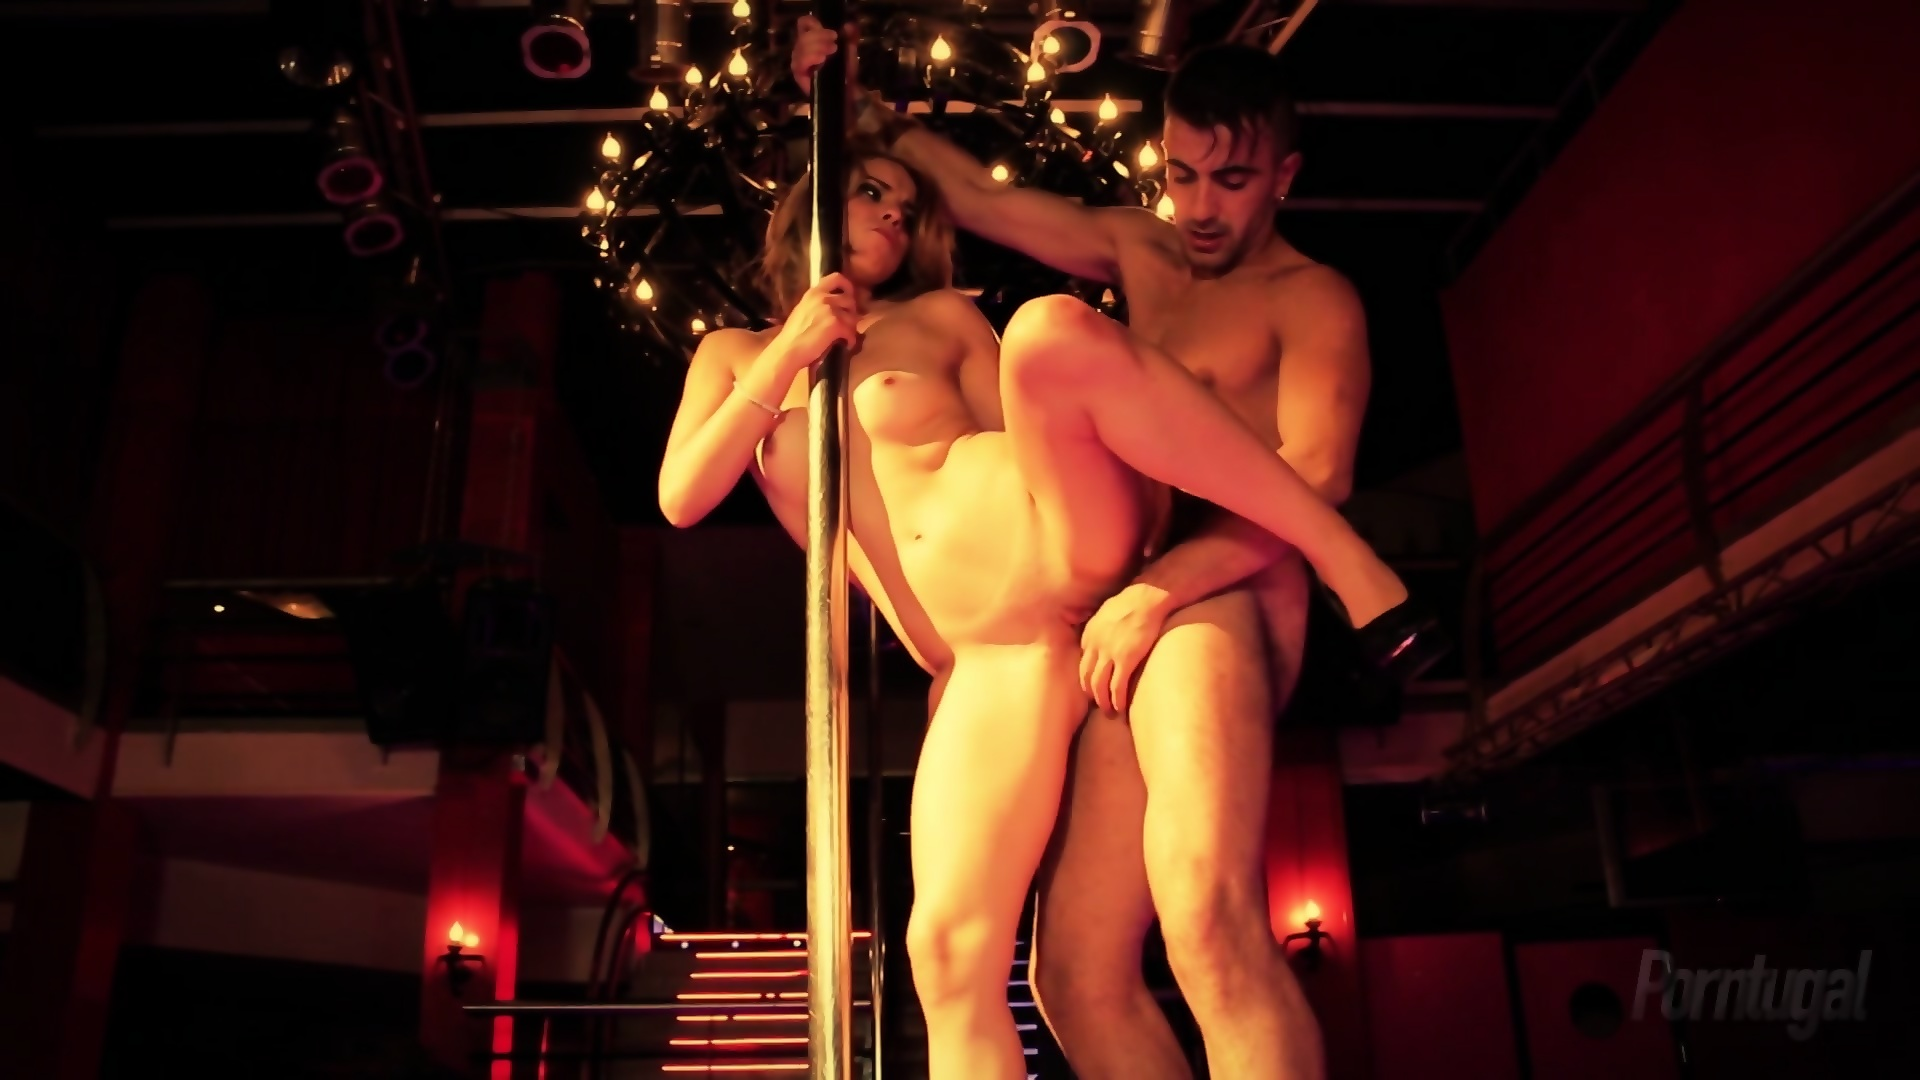 Fucking at a strip club